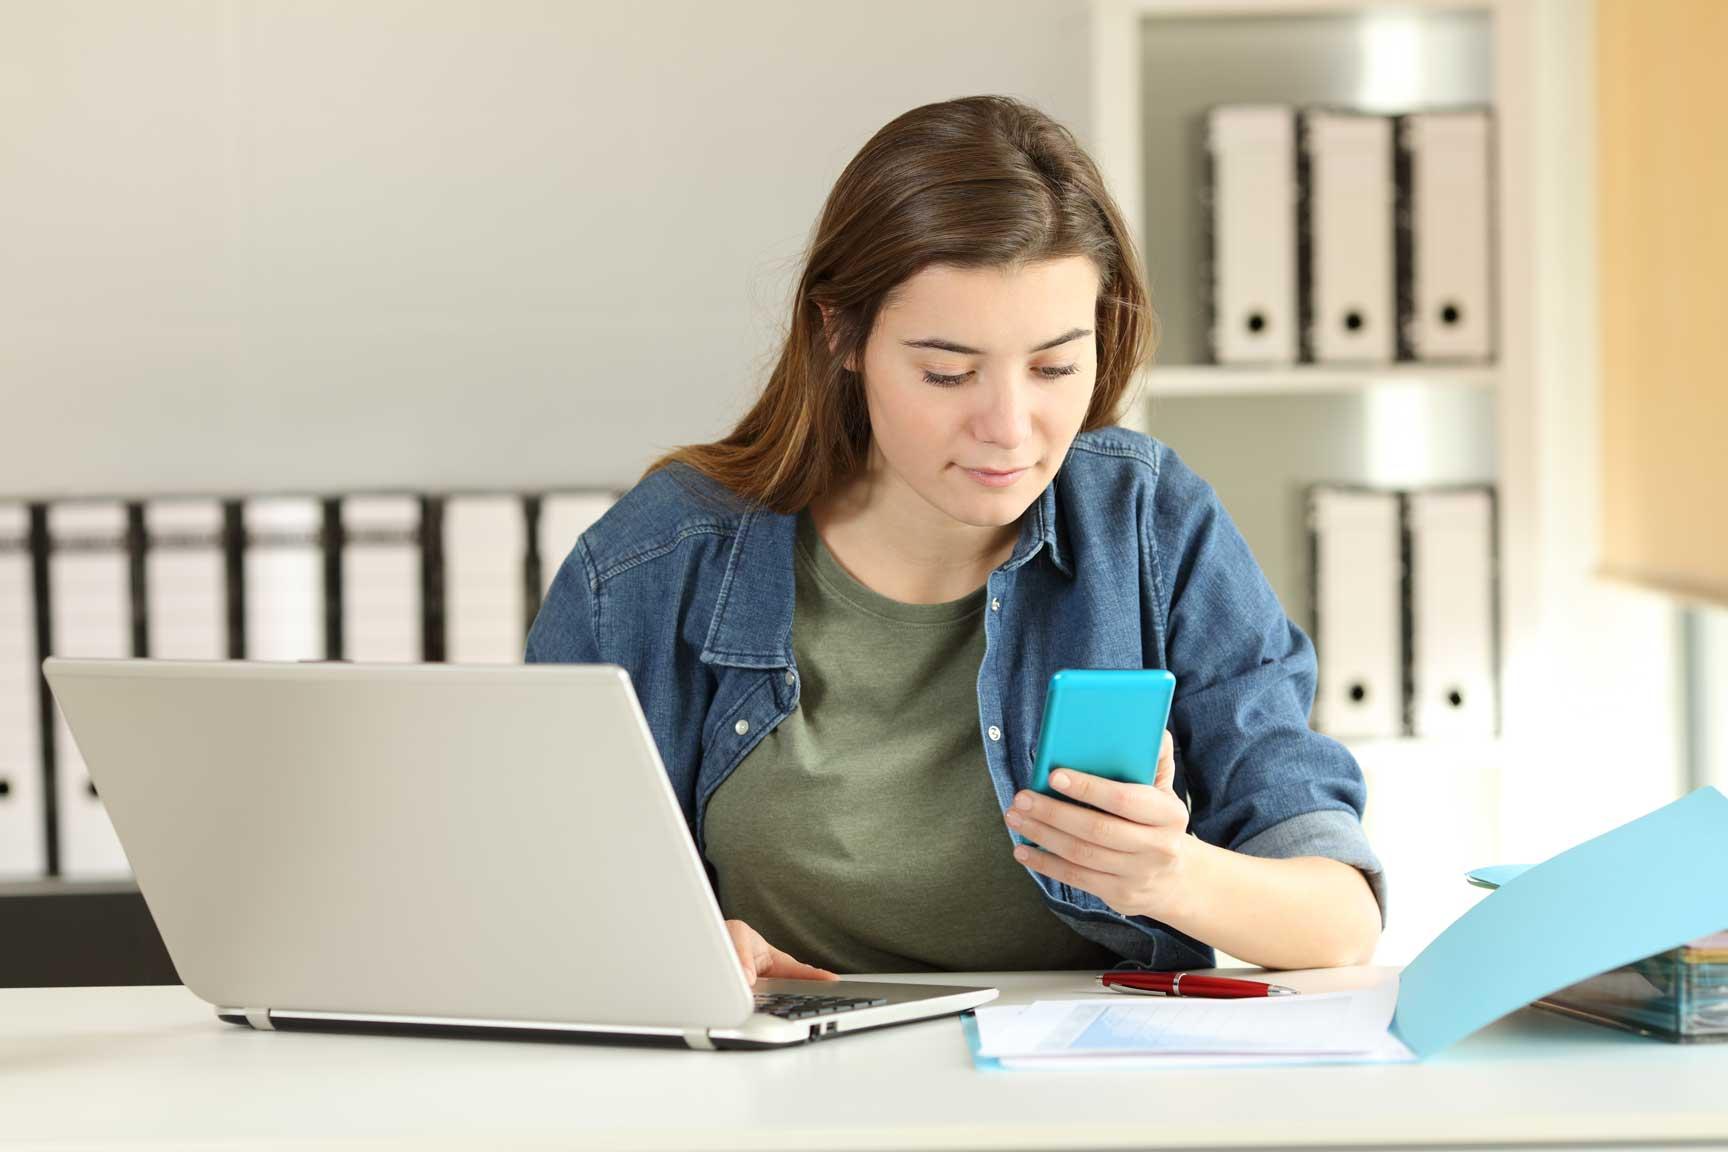 Junge Studentin schaut auf ihr Smartphone während sie lernt.